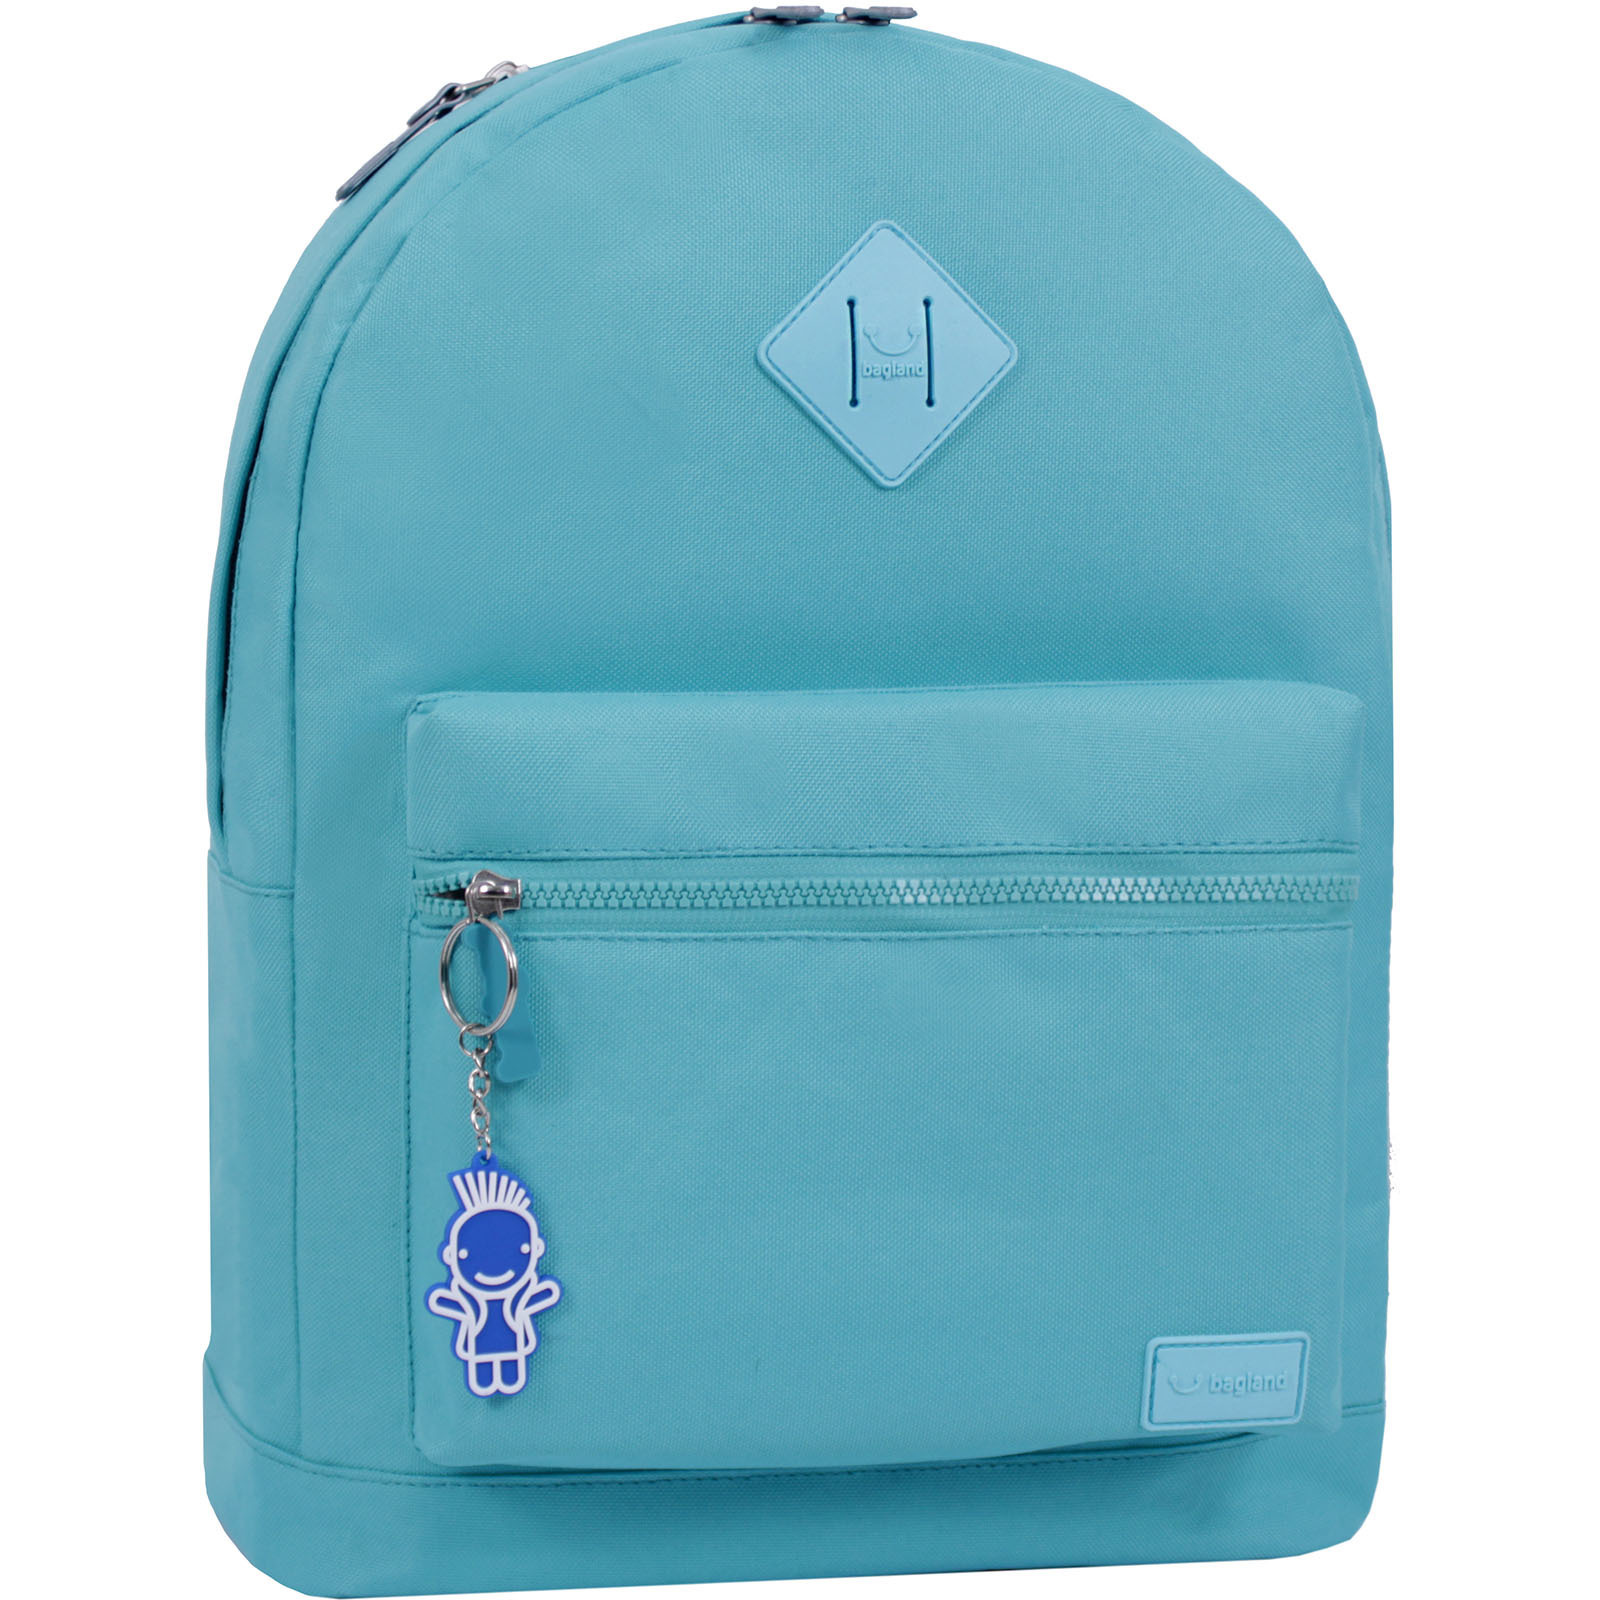 Молодежные рюкзаки Рюкзак Bagland Hood W/R 17 л. бирюза 464 (0054466) IMG_6417__суб.464_.JPG